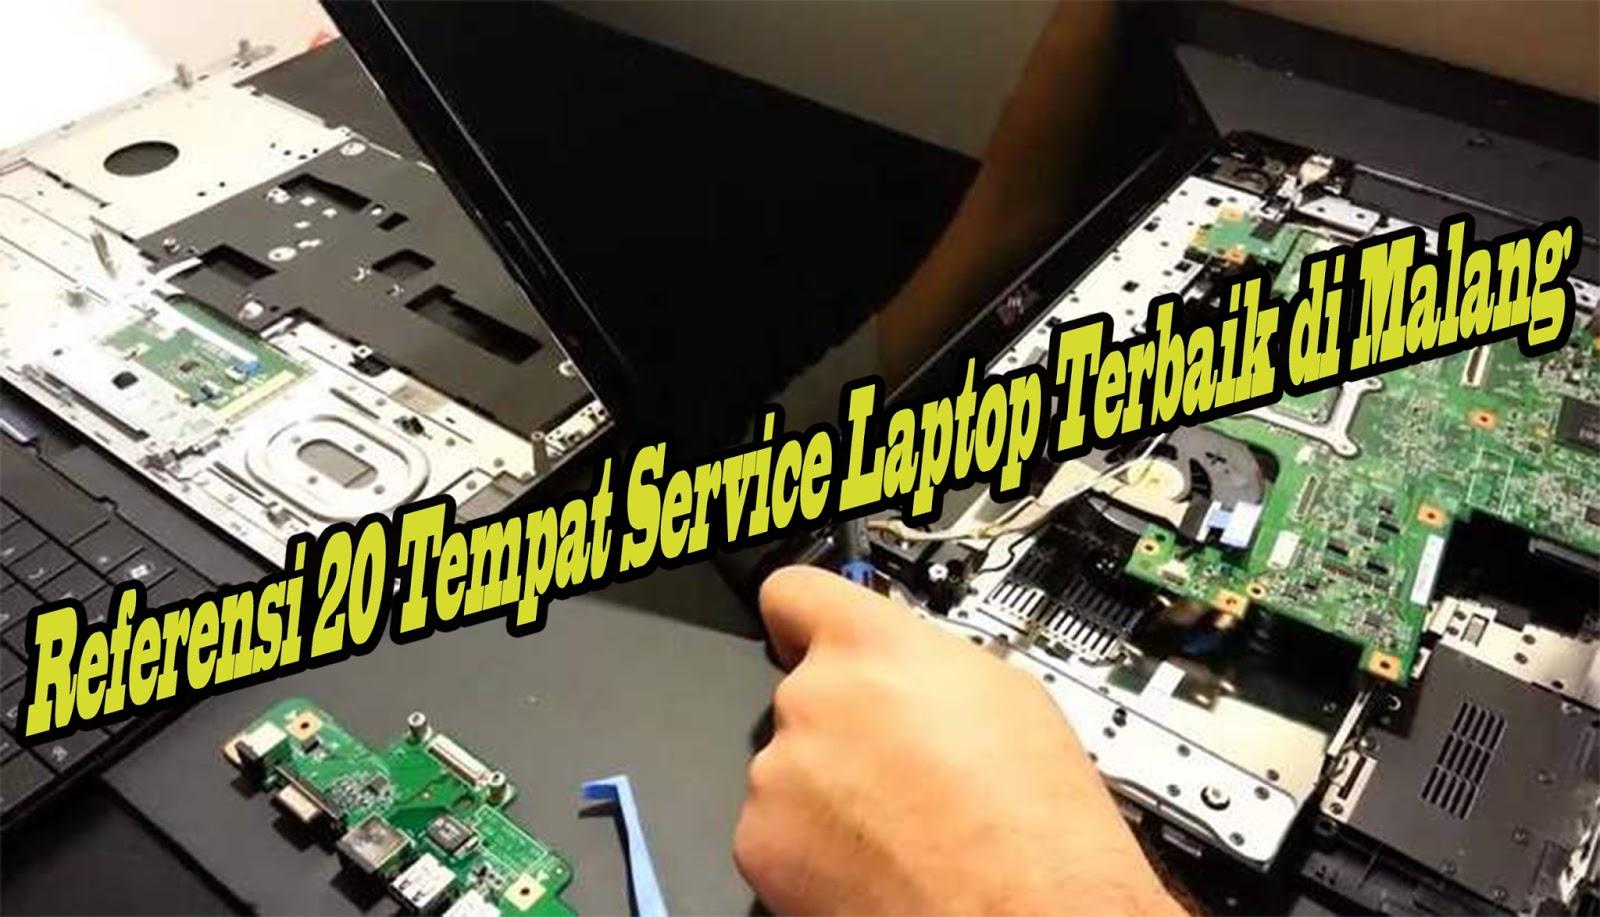 temat service laptop di malang